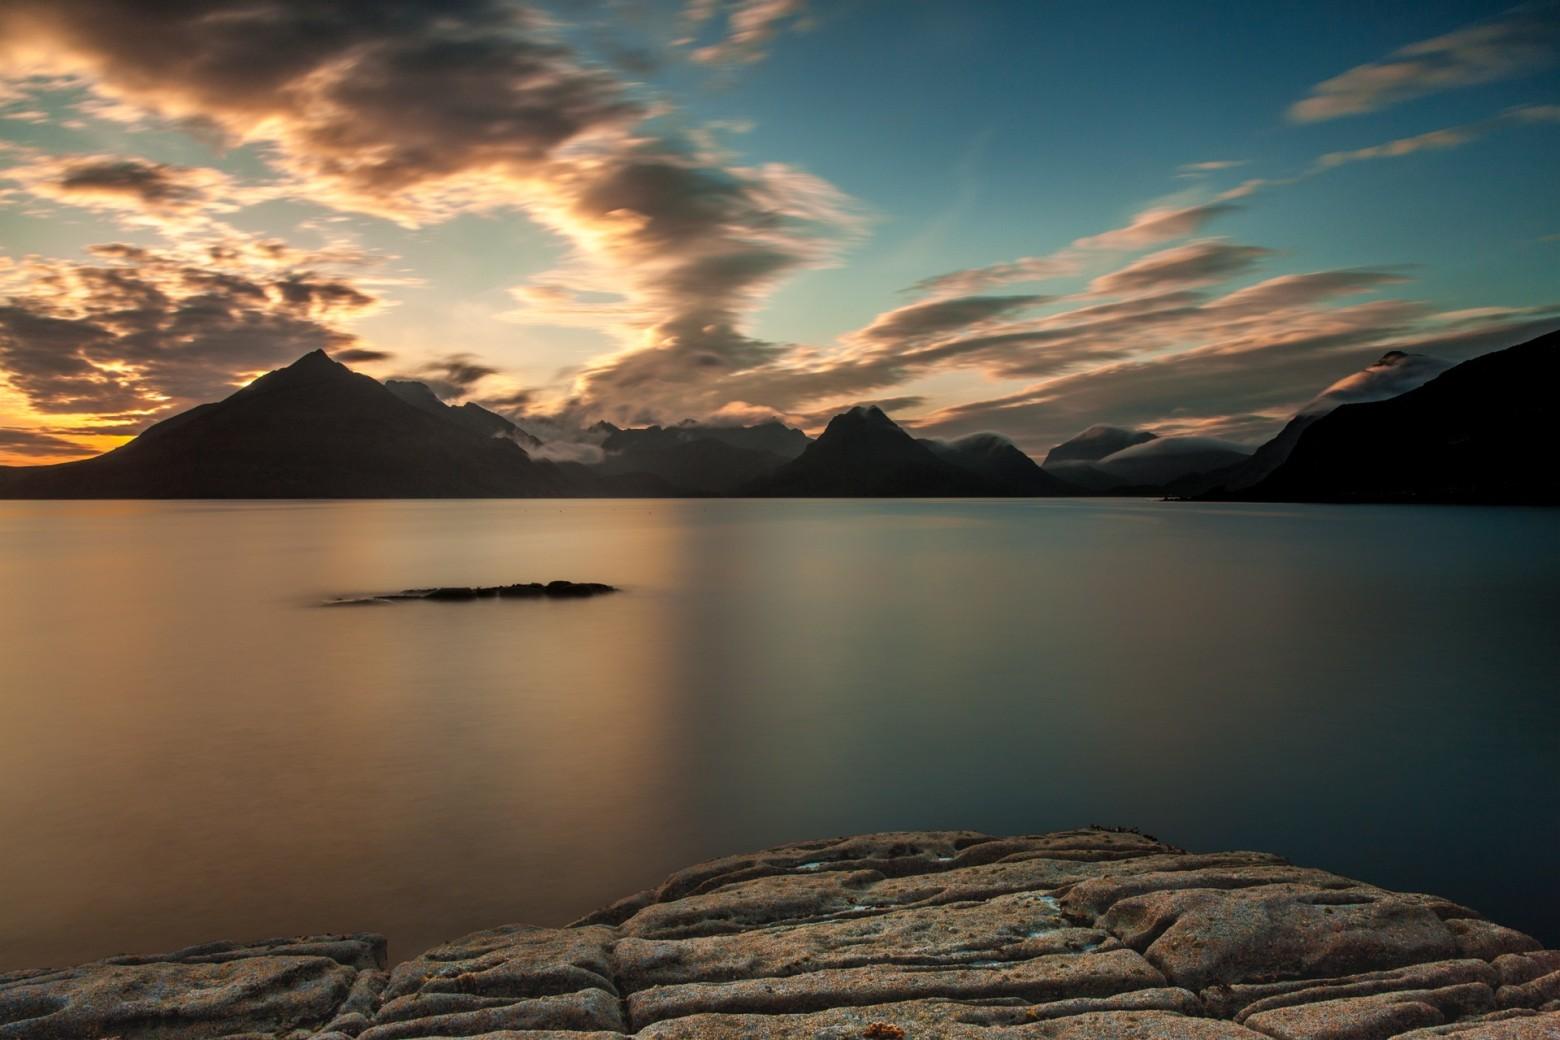 Fond d cran zen hd pierre galet lac eau coucher de for Photo ecran zen